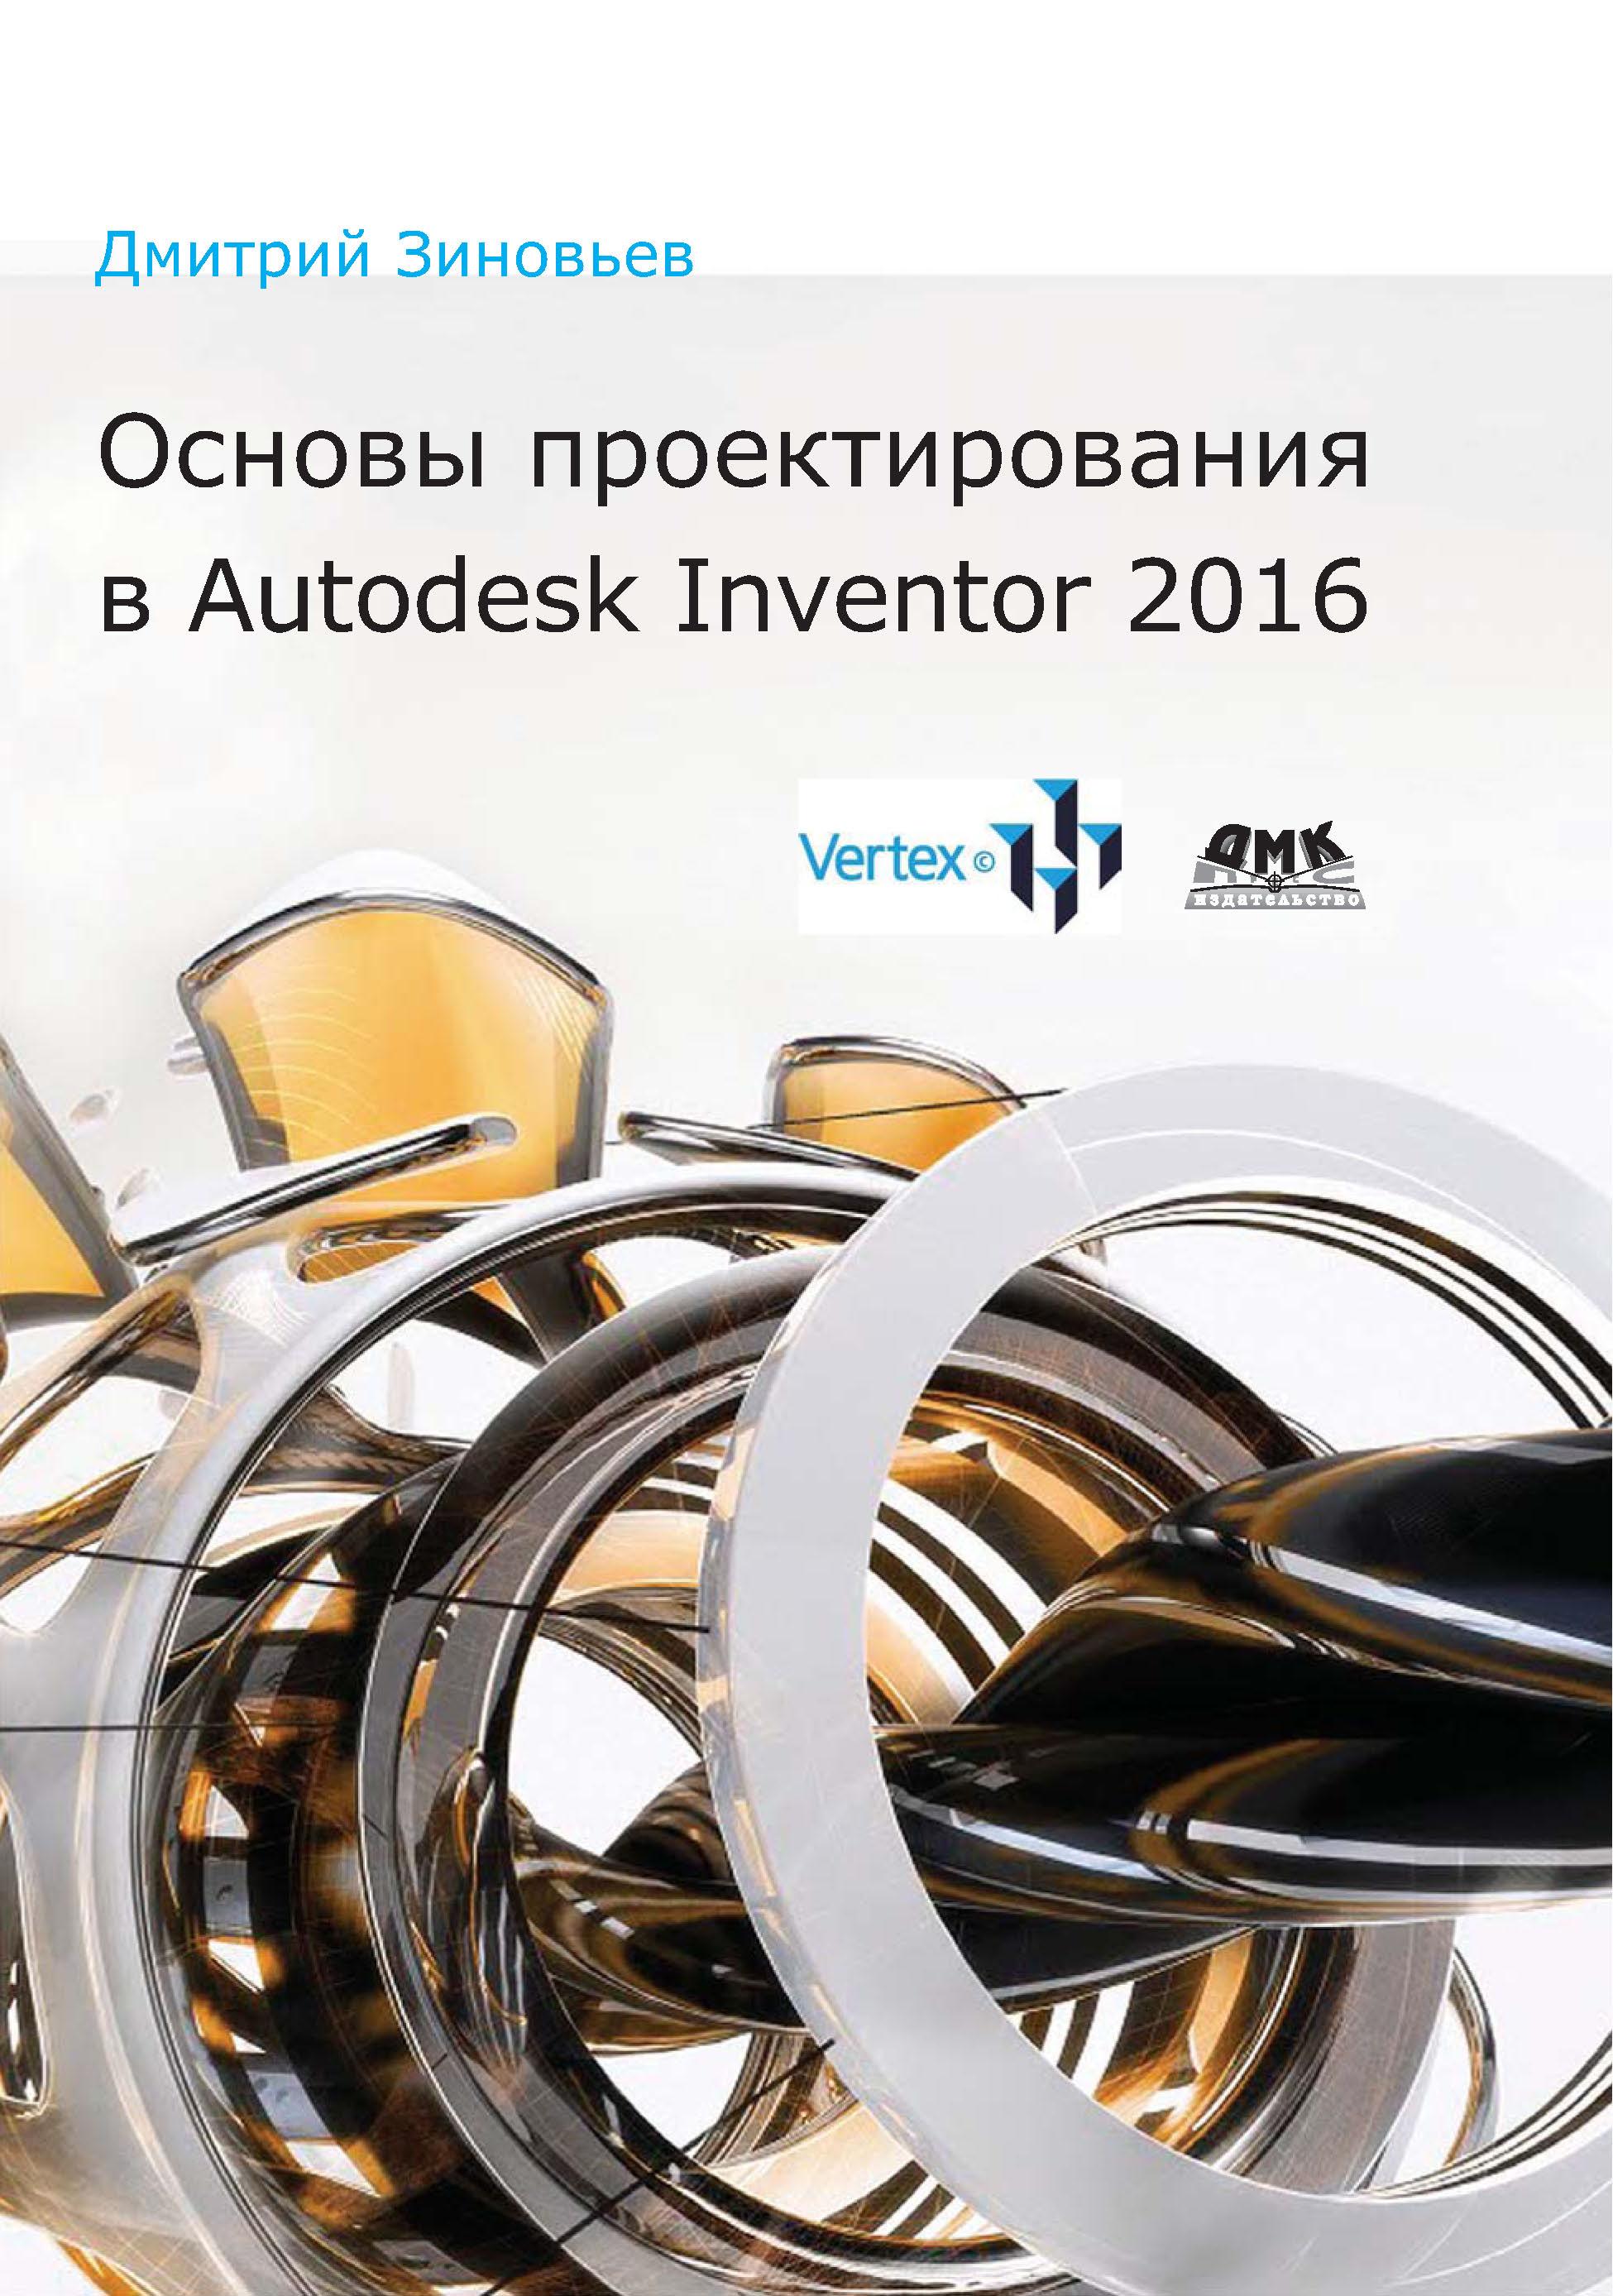 Дмитрий Зиновьев Основы проектирования в Autodesk Inventor 2016 autodesk inventor cd